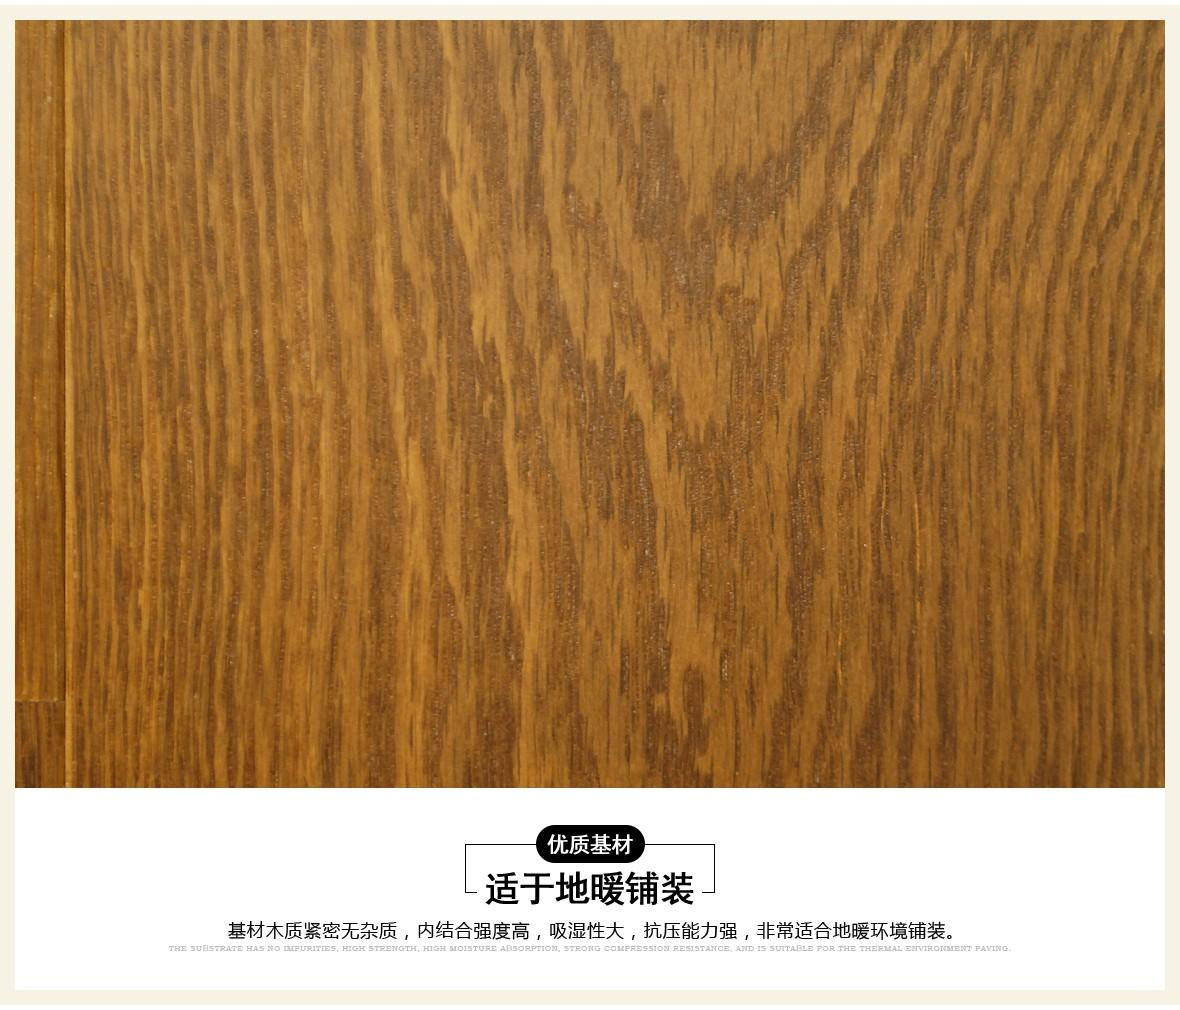 得高地板 v槽码头棕色烟熏橡木三层实木复合地板 适合